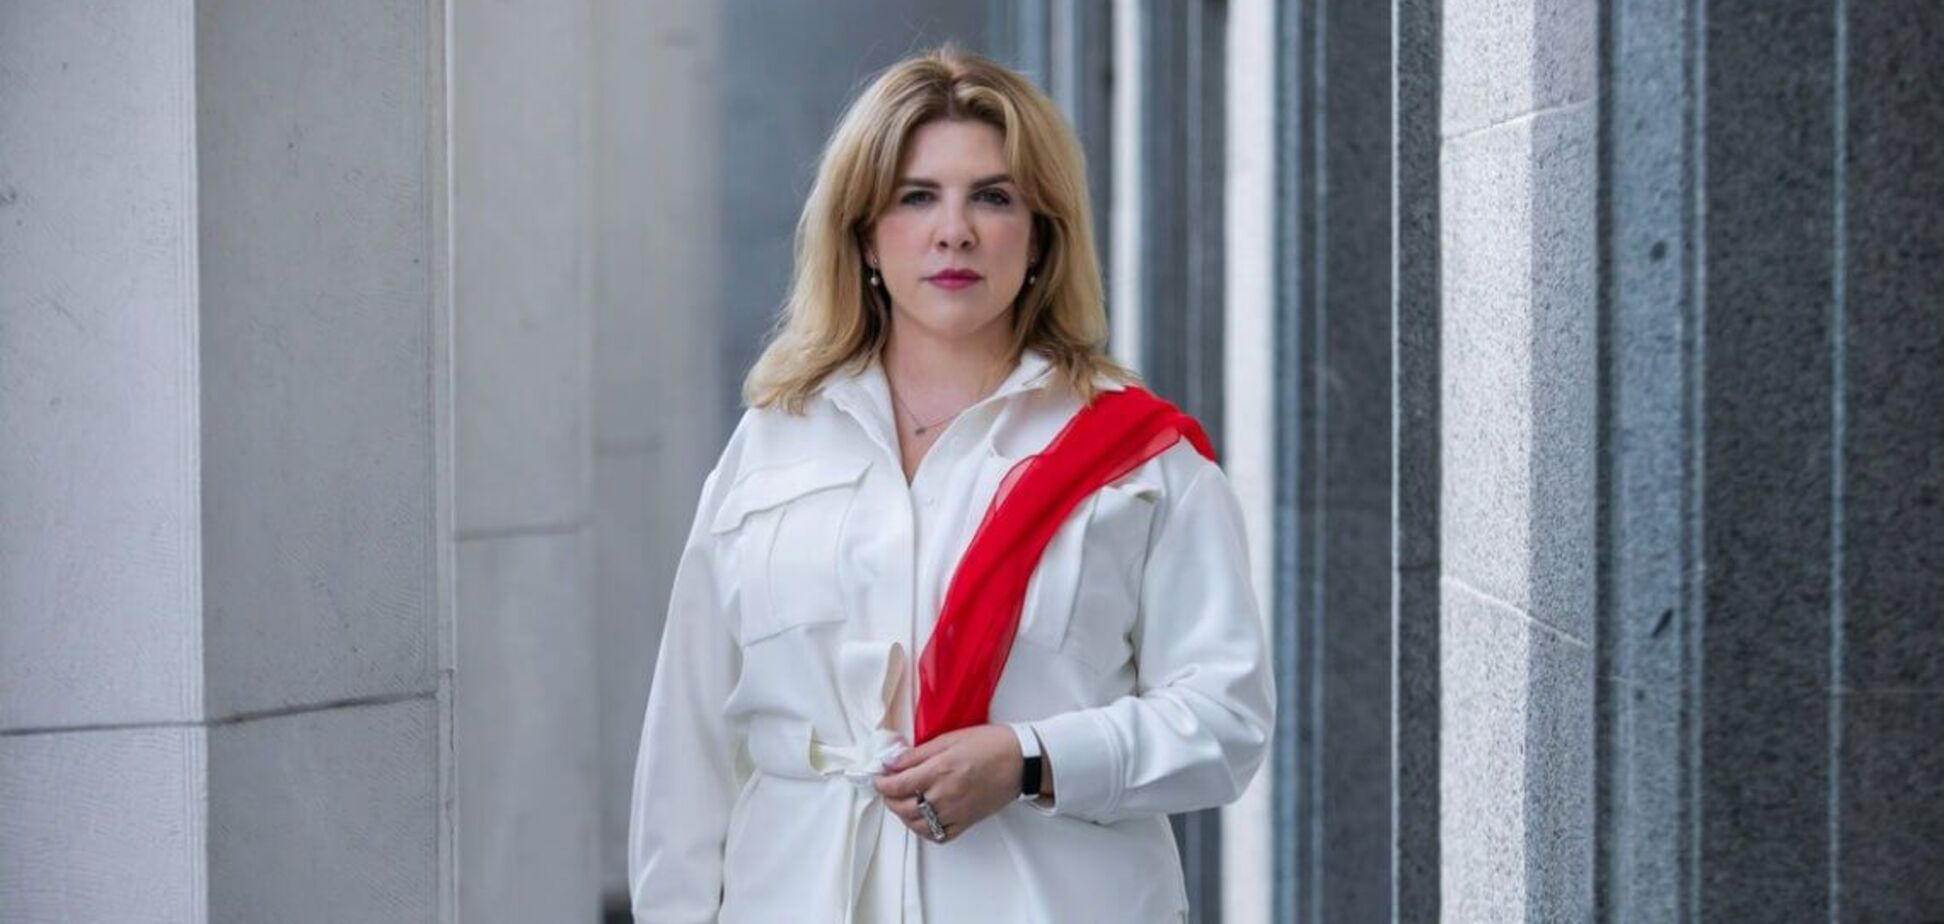 Рудик підтримала рішення Зеленського щодо санкцій проти телеканалів